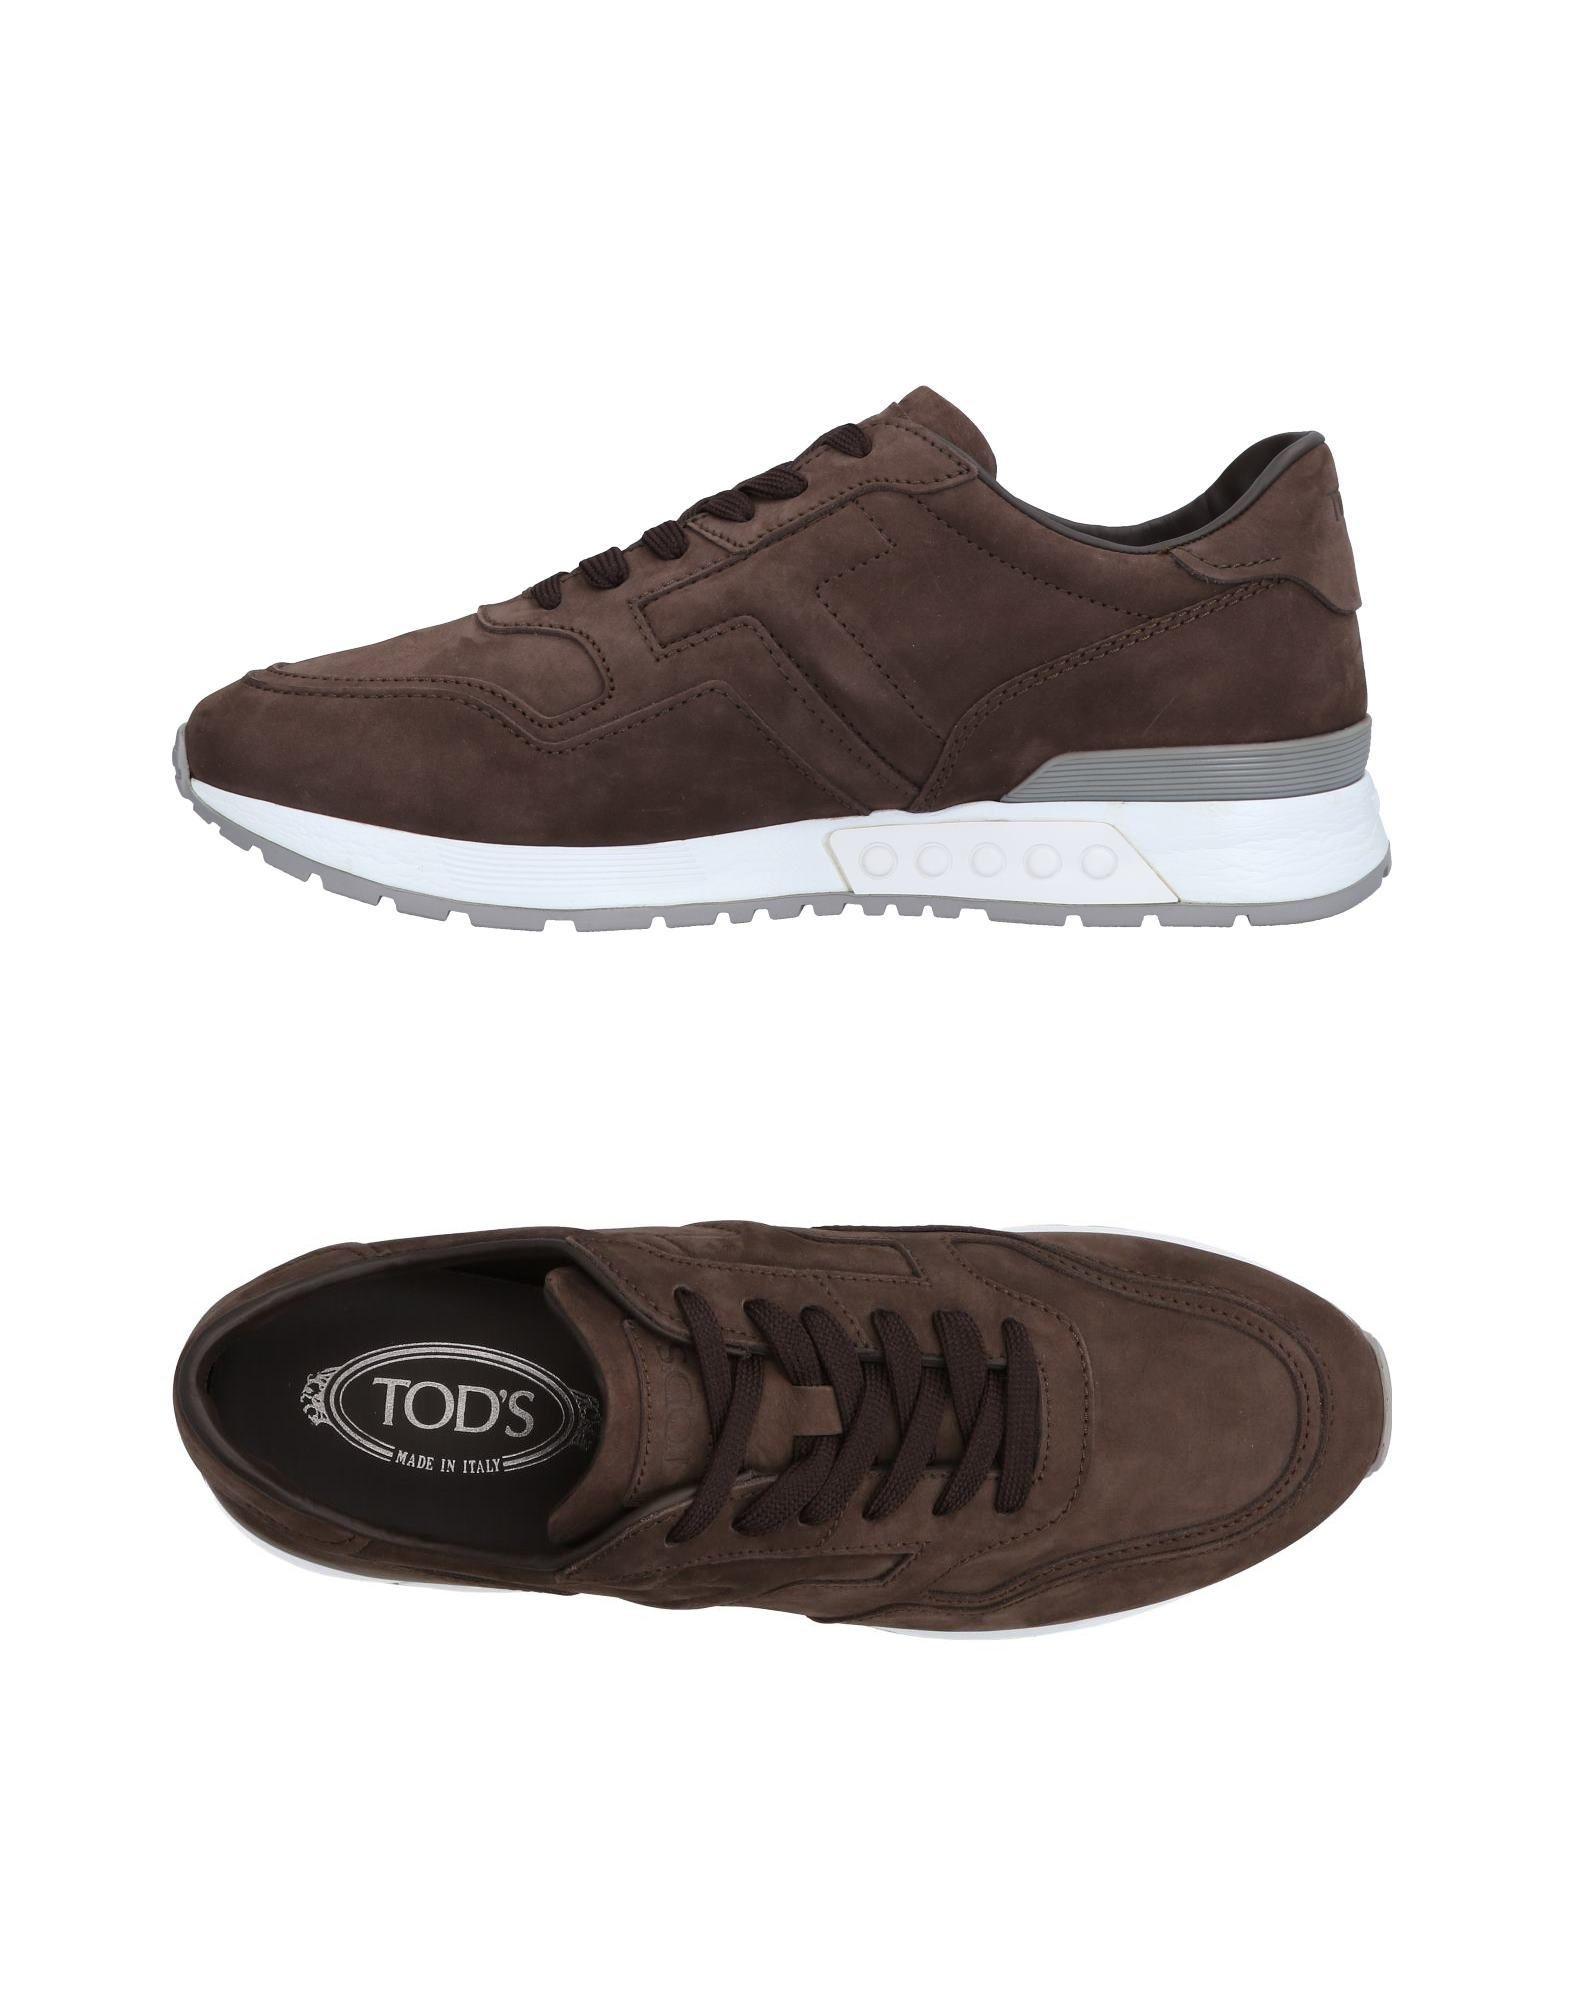 Tod's 11497714BA Sneakers Herren  11497714BA Tod's Gute Qualität beliebte Schuhe bc87e7